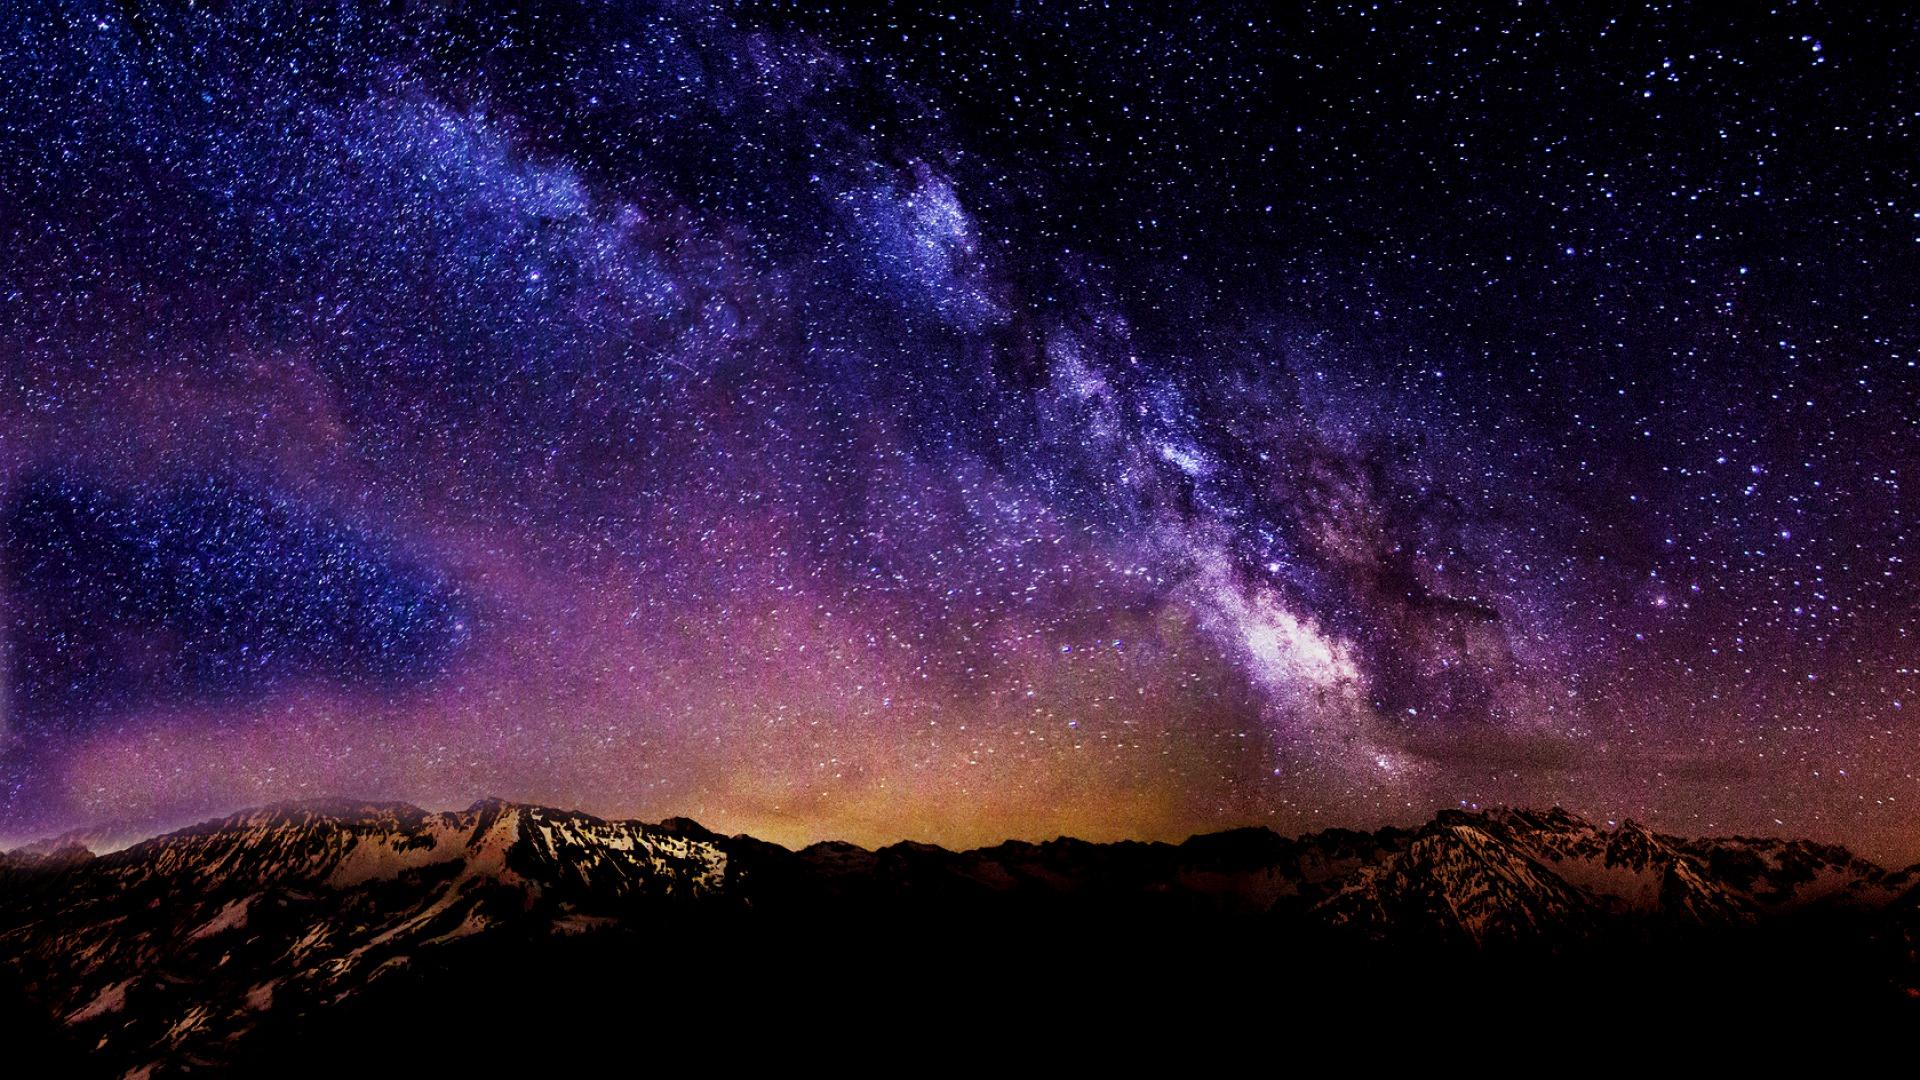 hd night sky wallpaper wallpapersafari